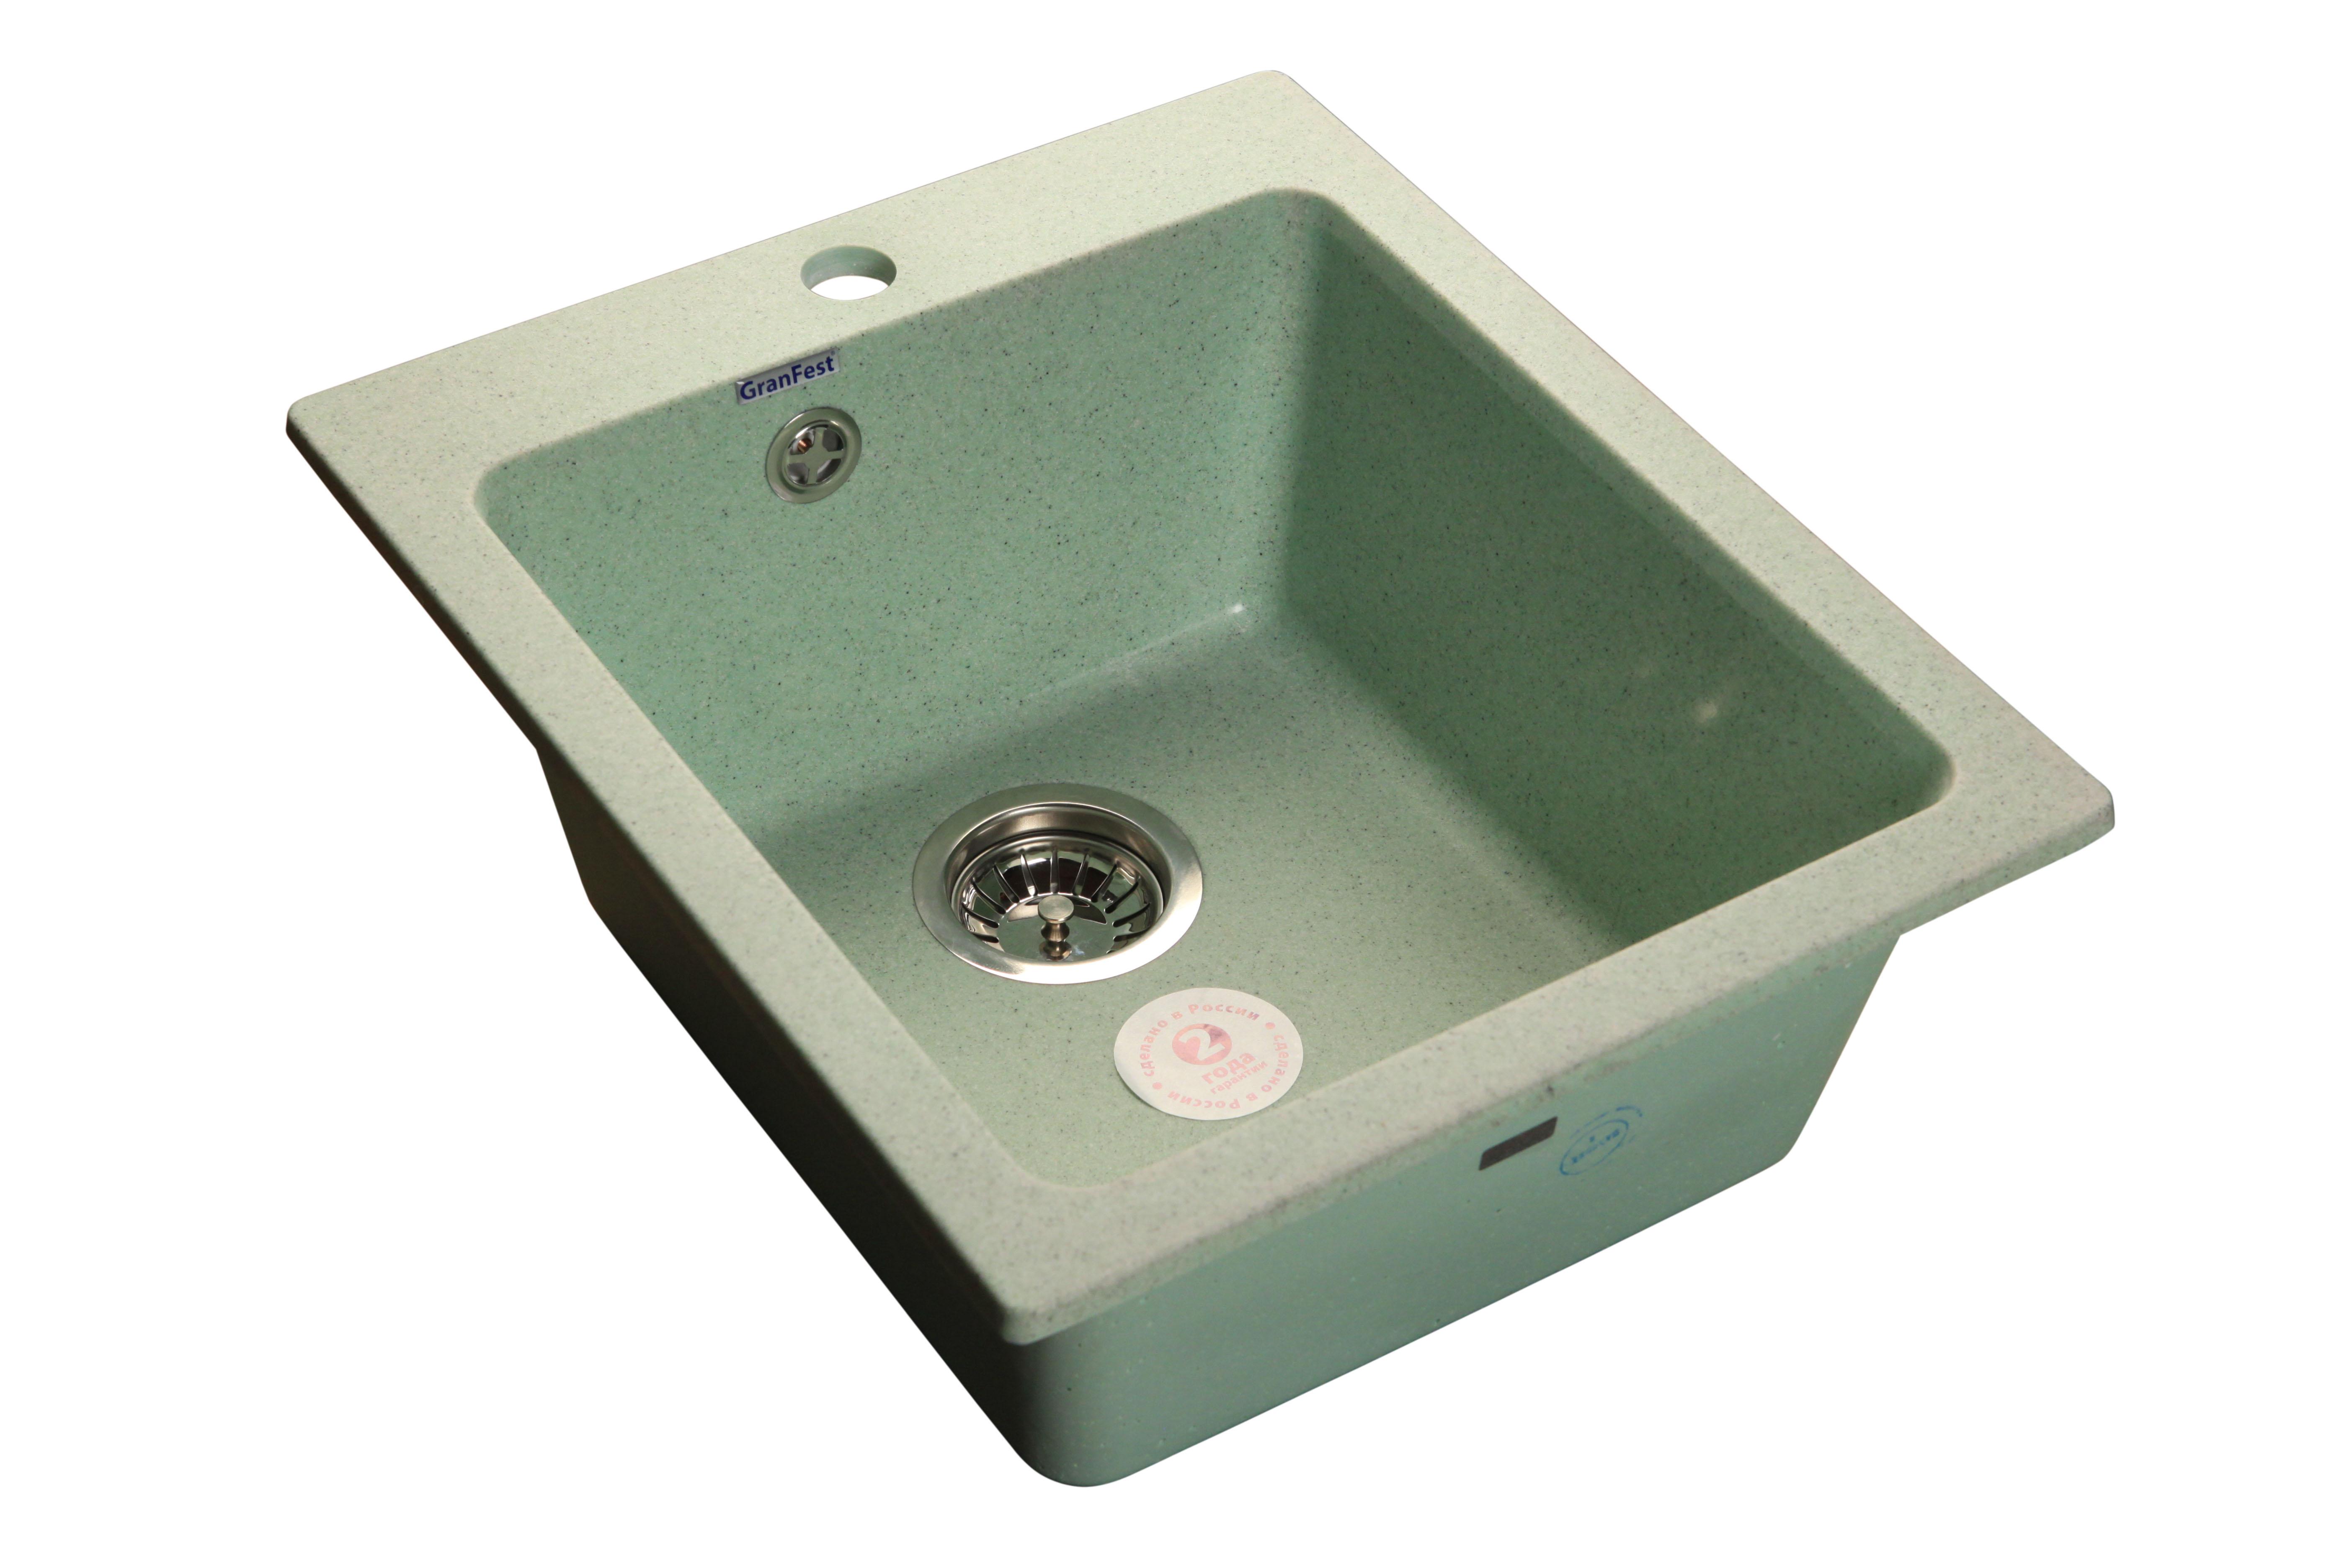 Мойка для кухни  GranFest Practic  GF-P505 цвет Салатовый